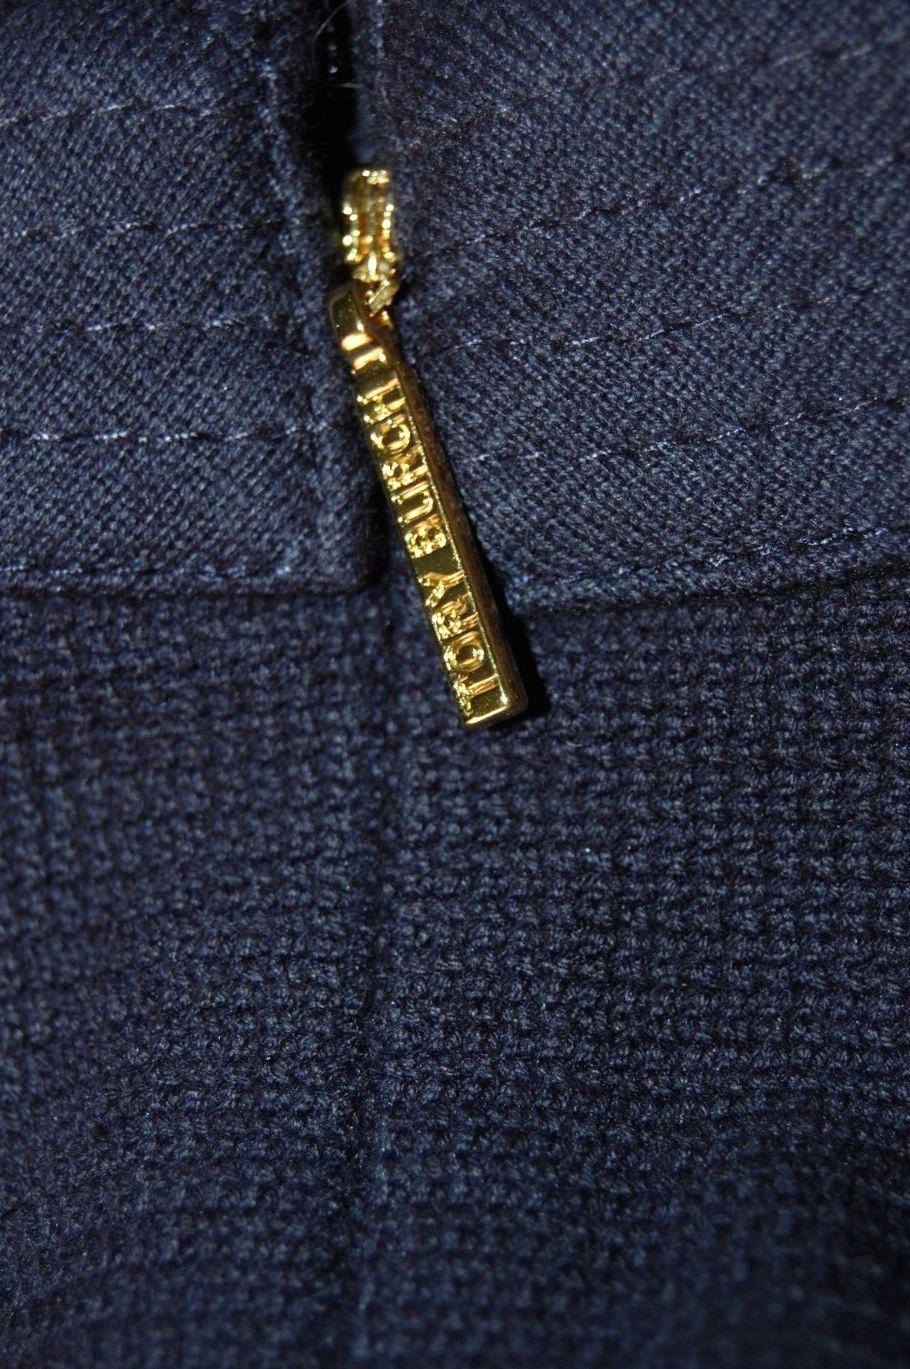 f61f25be9fe9 NEW $325 SZ L TORY BURCH WOMENS ADDIS NORMANDY NAVY BLUE INVERT PLEAT DRESS